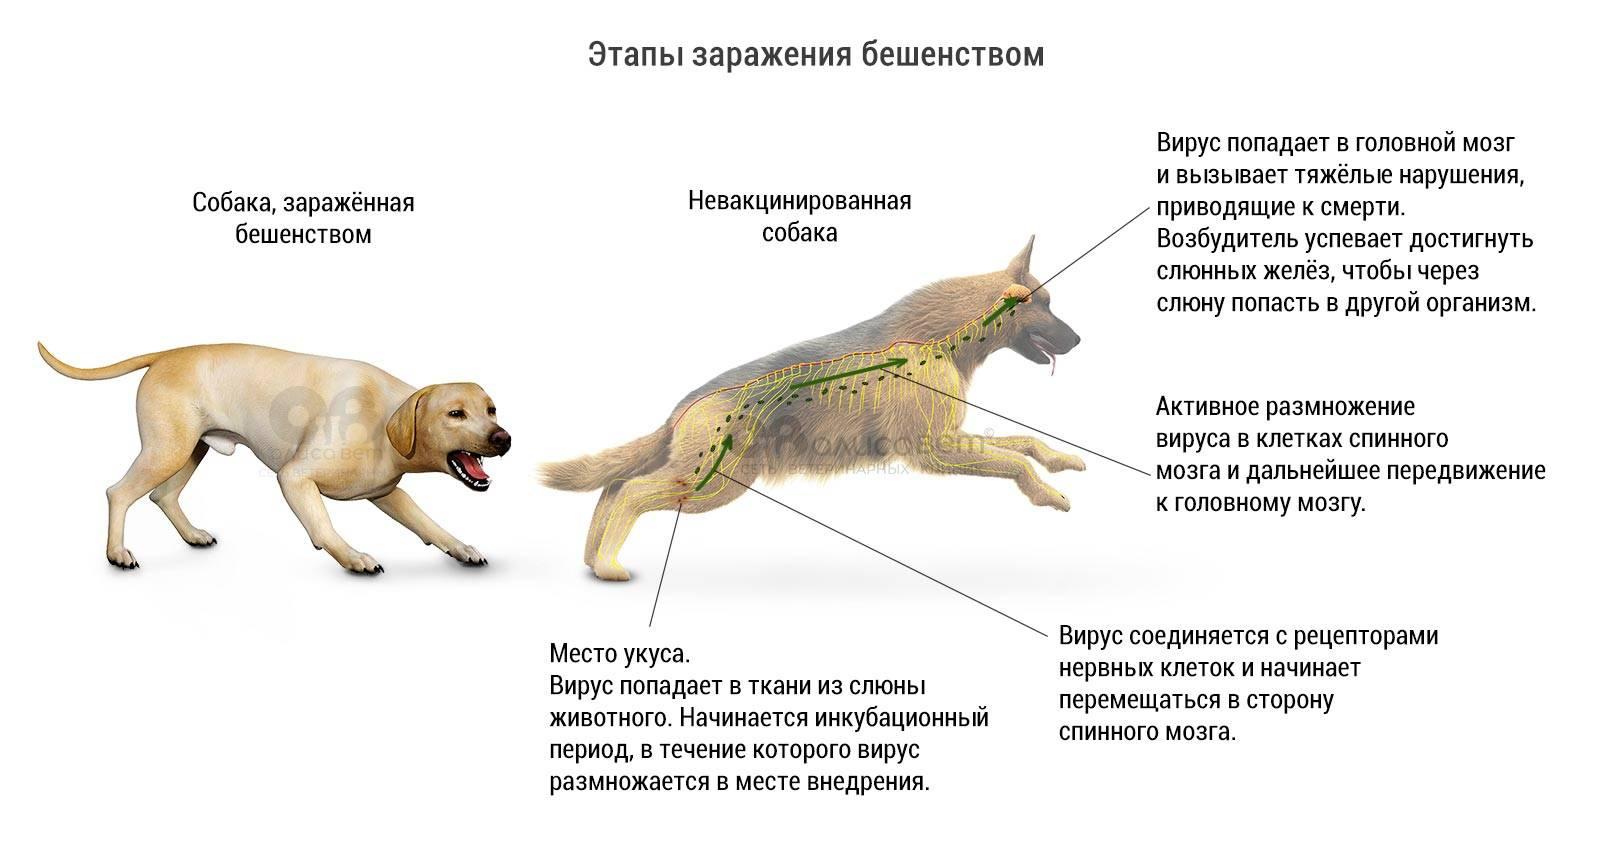 Бешенство у кошек: симптомы, пути заражения, диагностика, лечение, профилактика